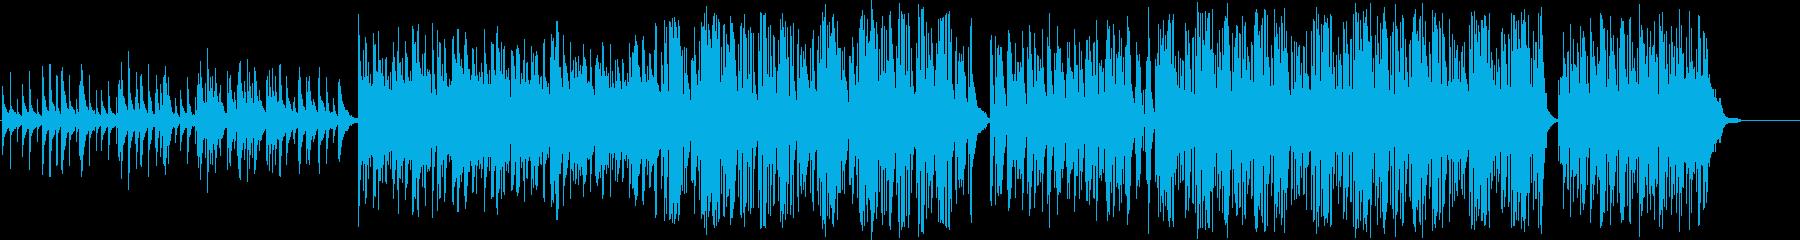 明るいボサノヴァ風な可愛らしい曲の再生済みの波形